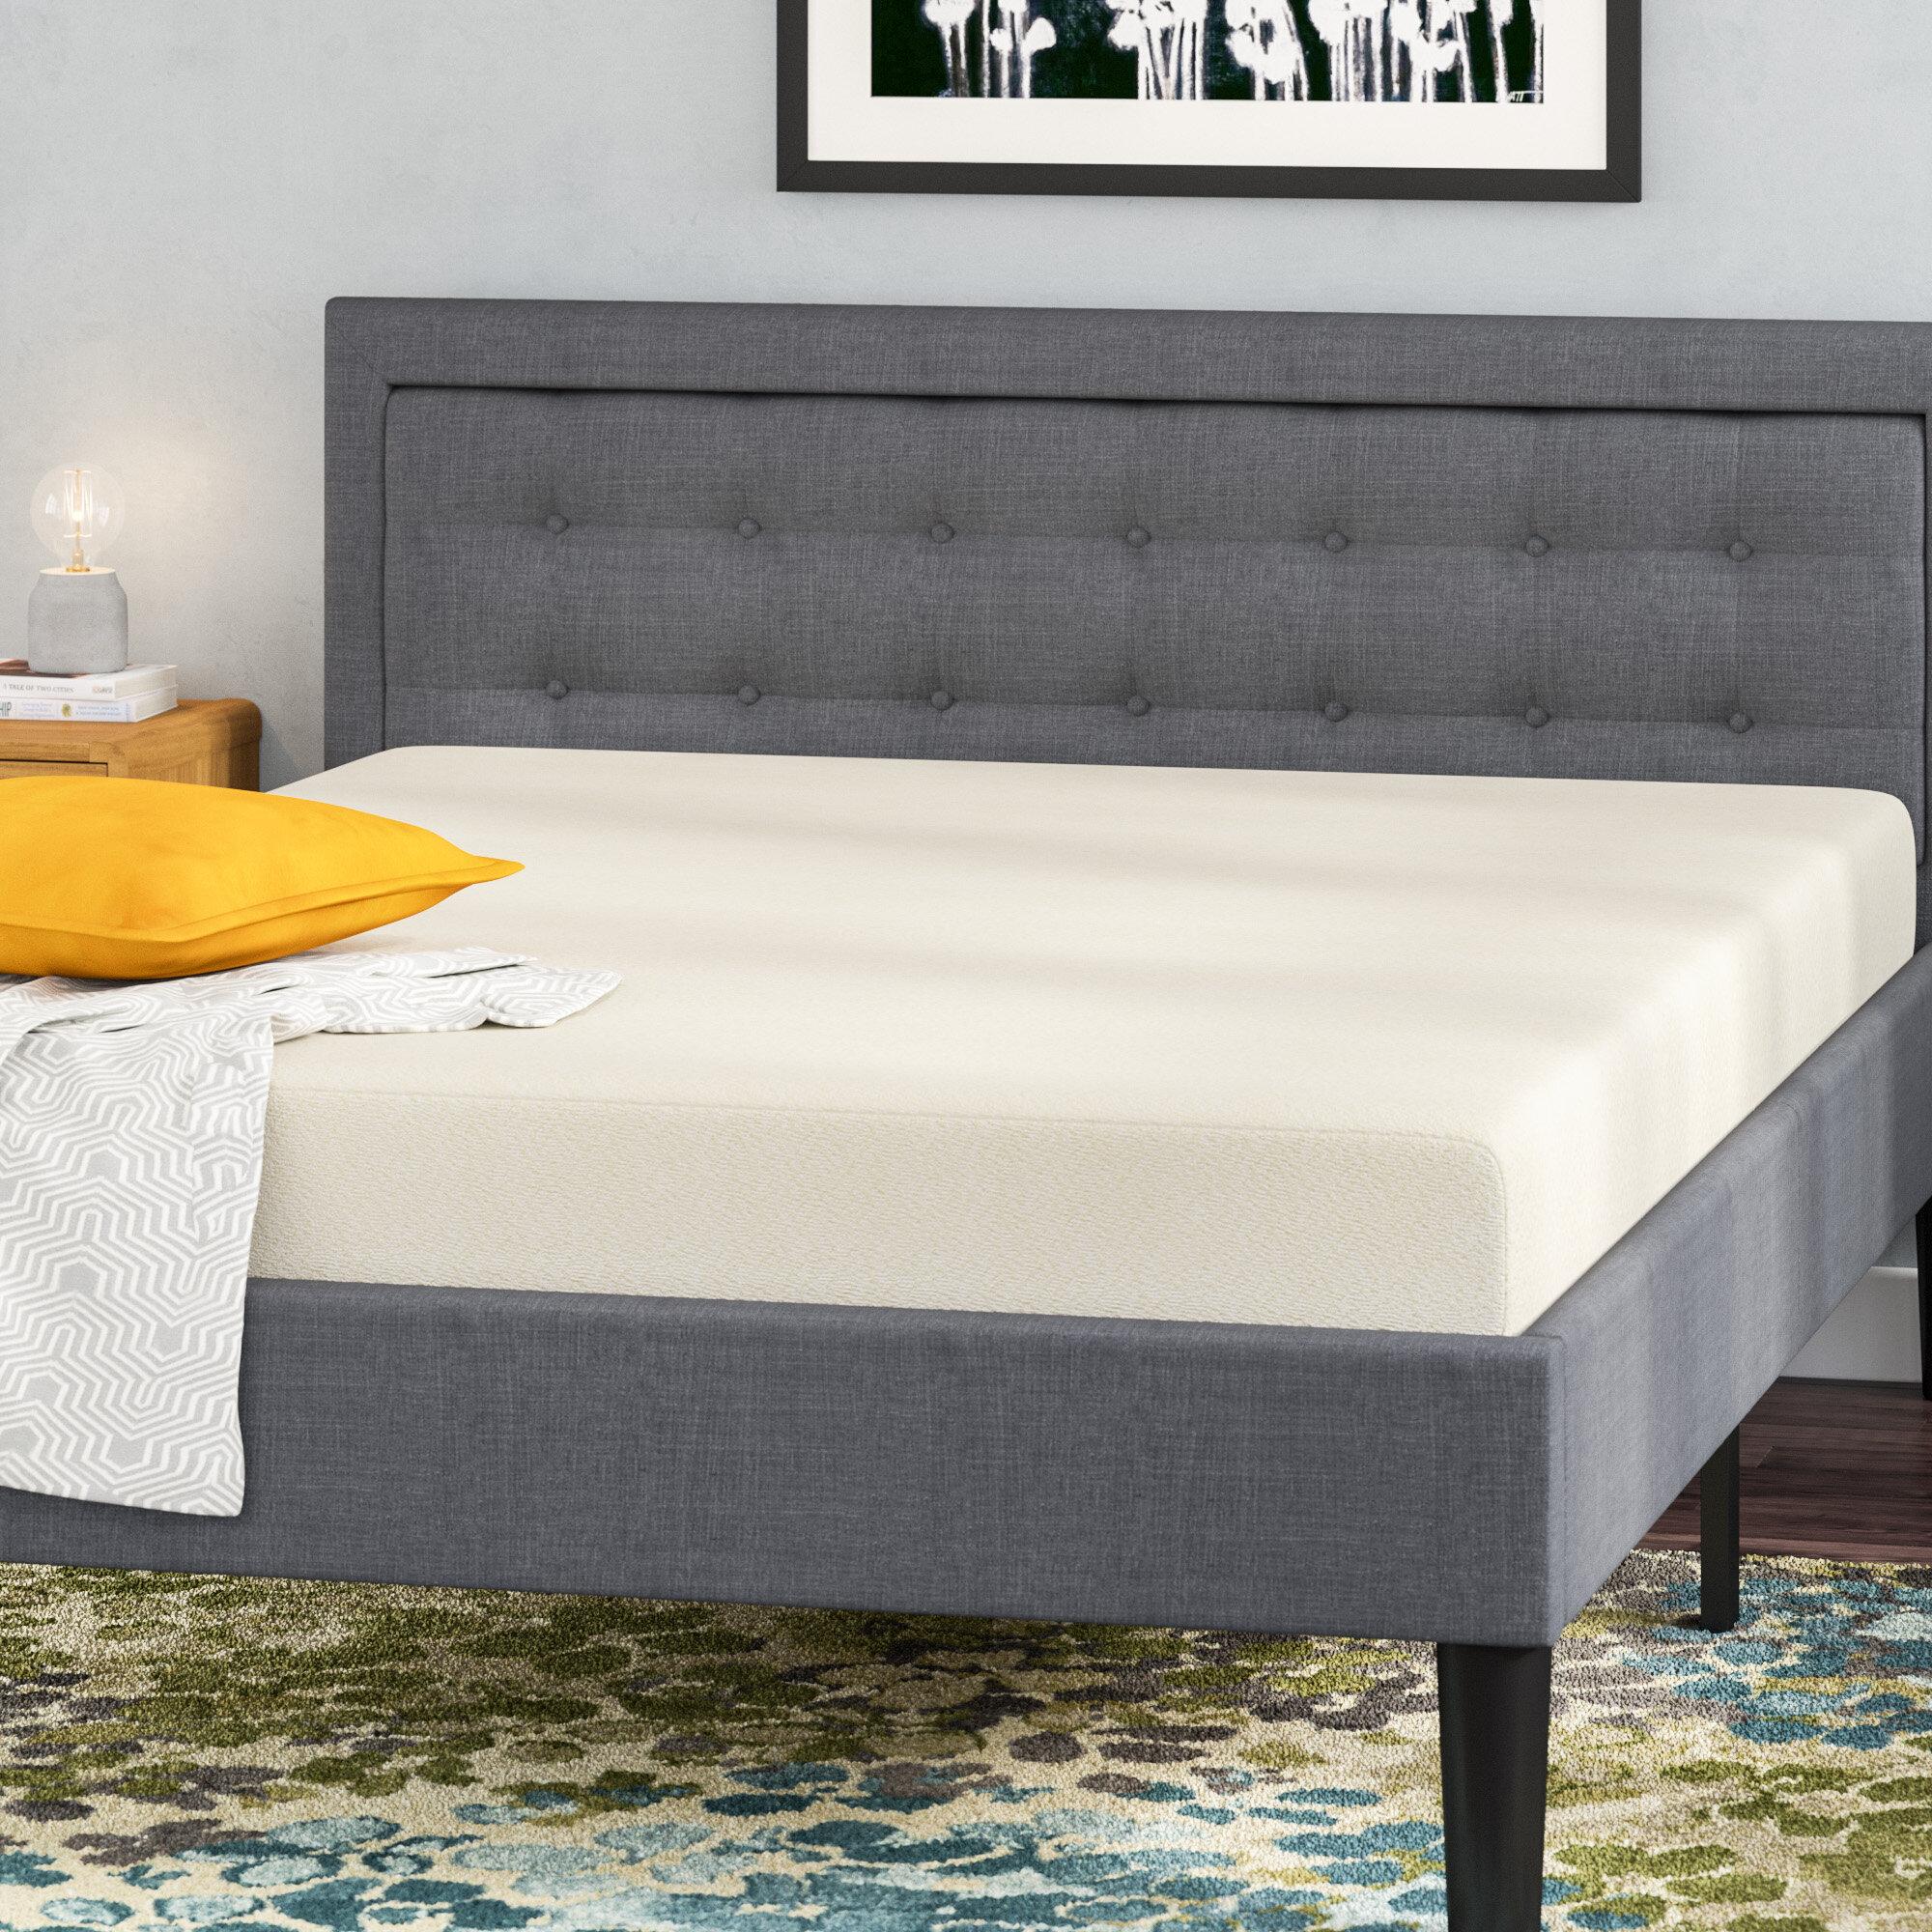 Wayfair Sleep Wayfair Sleep 8 Firm Memory Foam Mattress Reviews